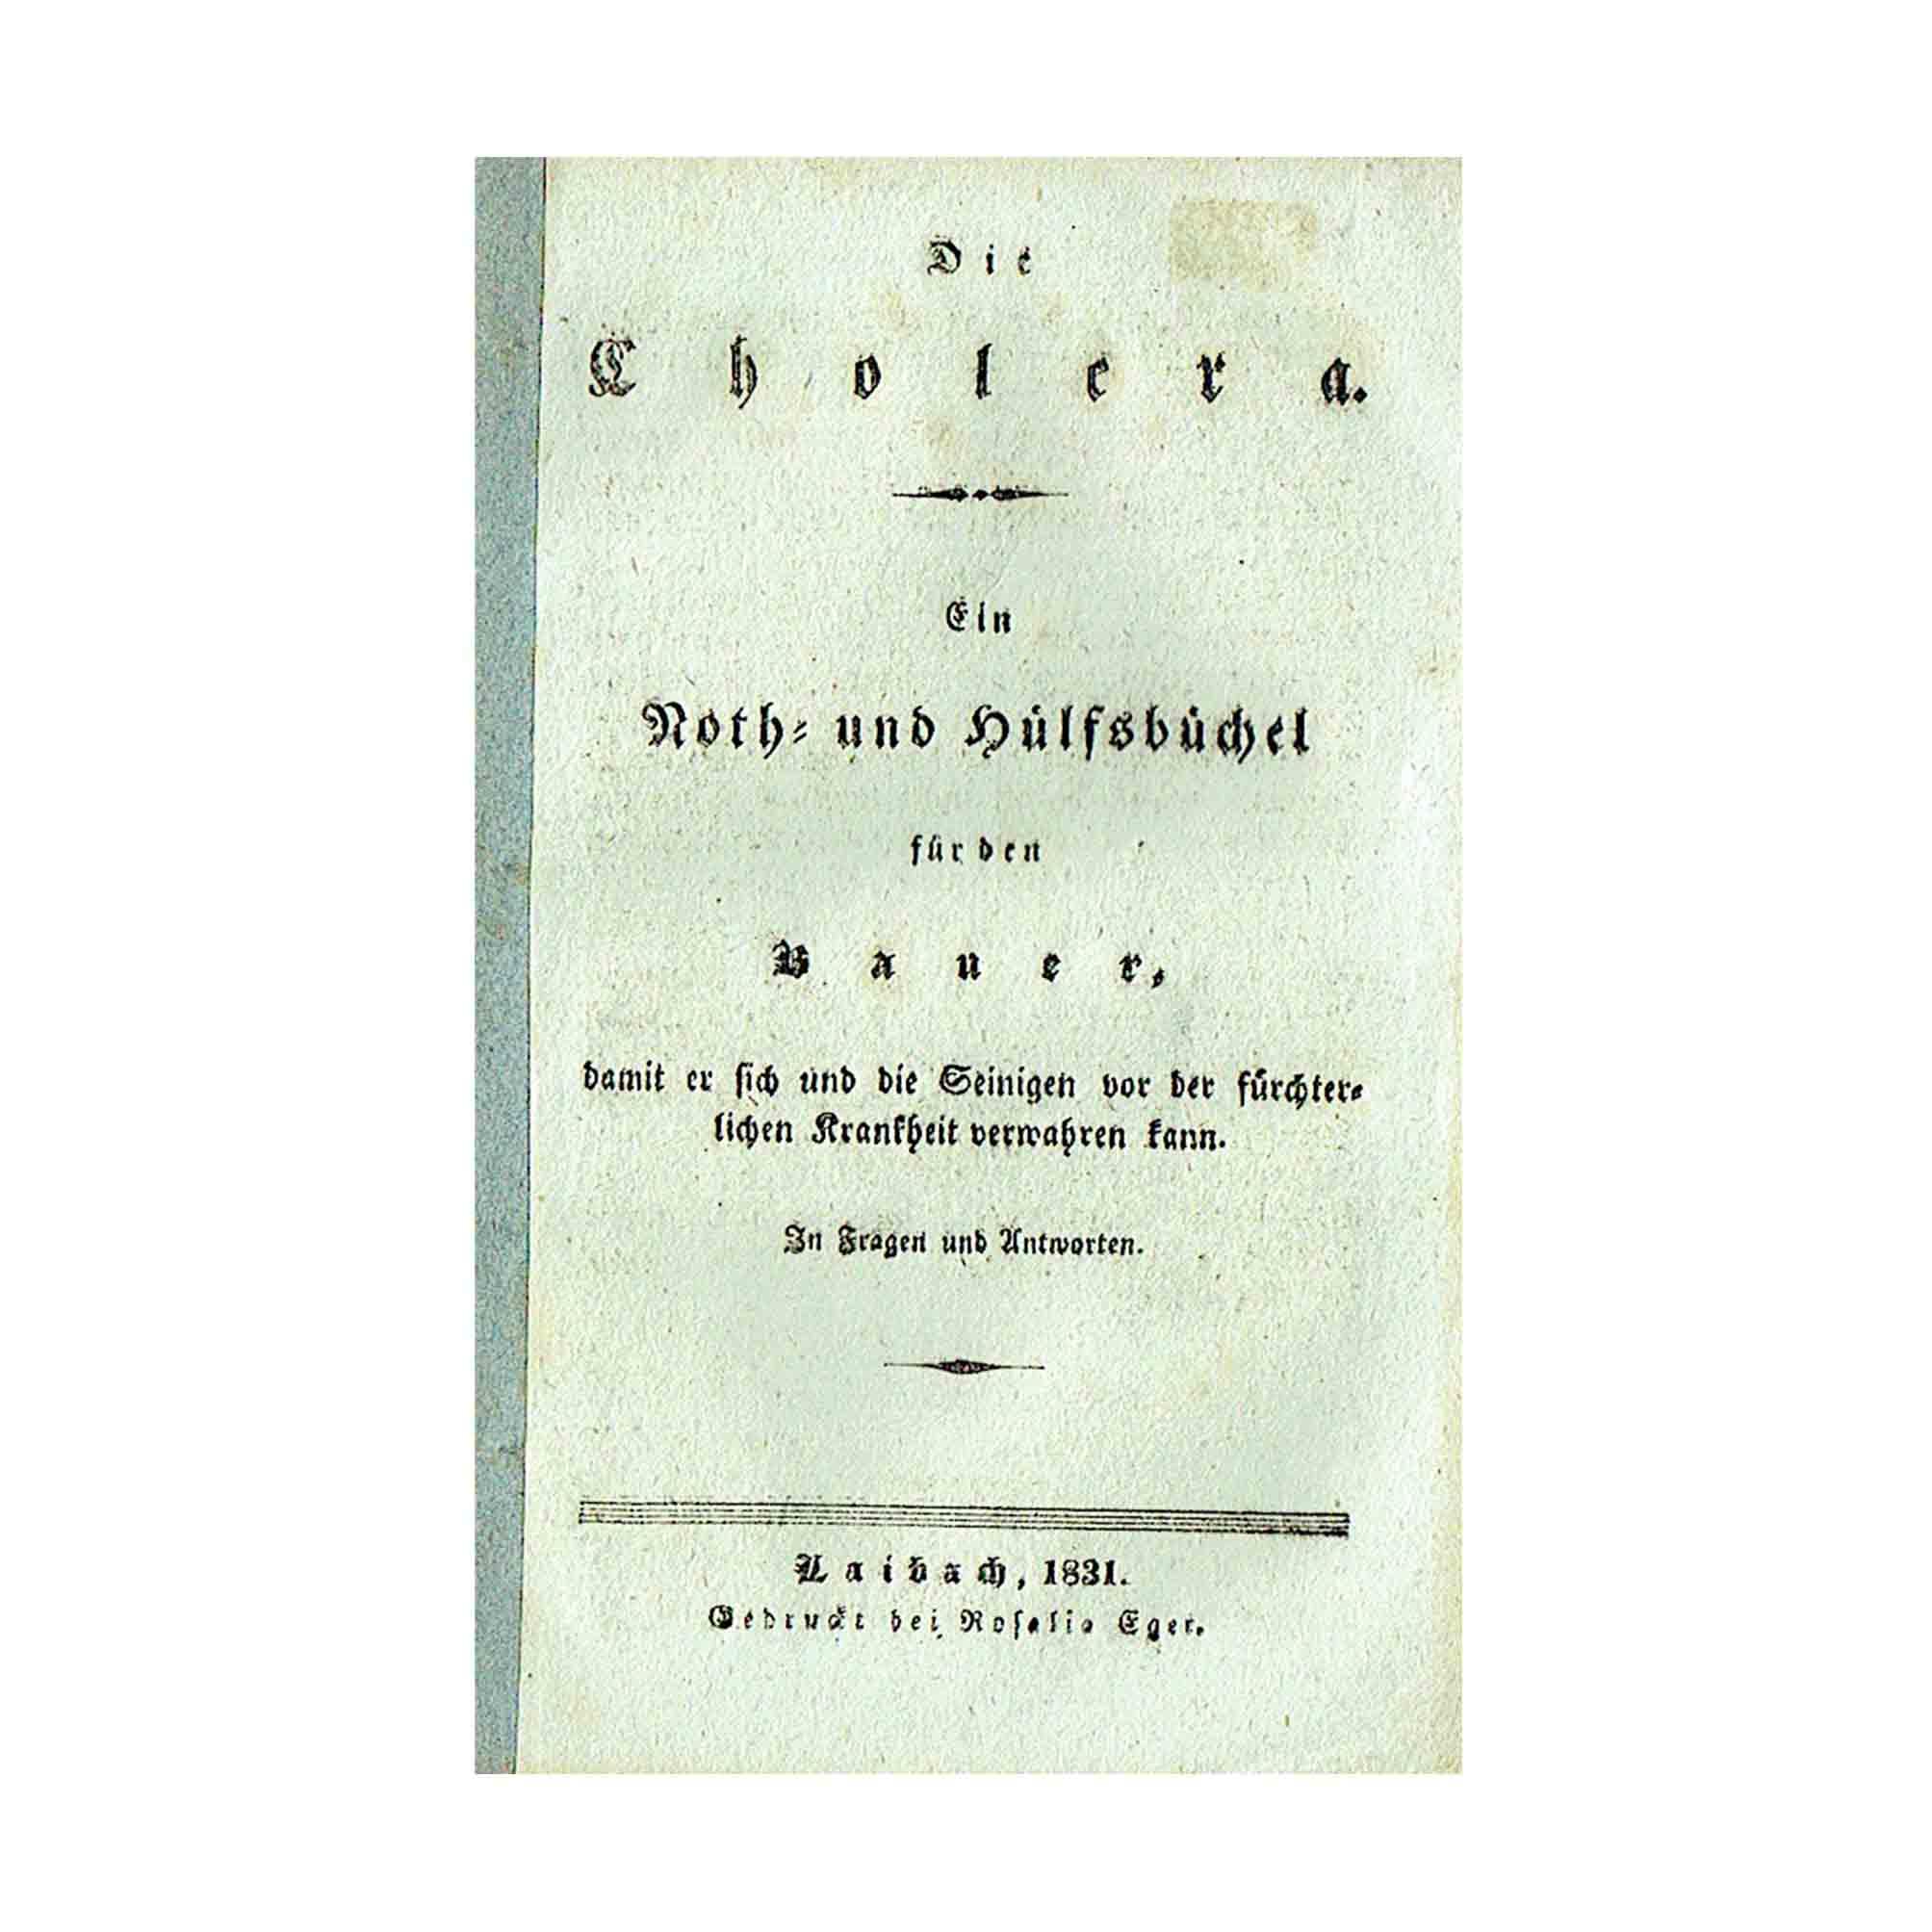 5928-Potocnik-Cholera-Krain-1831-Titel-N.jpeg